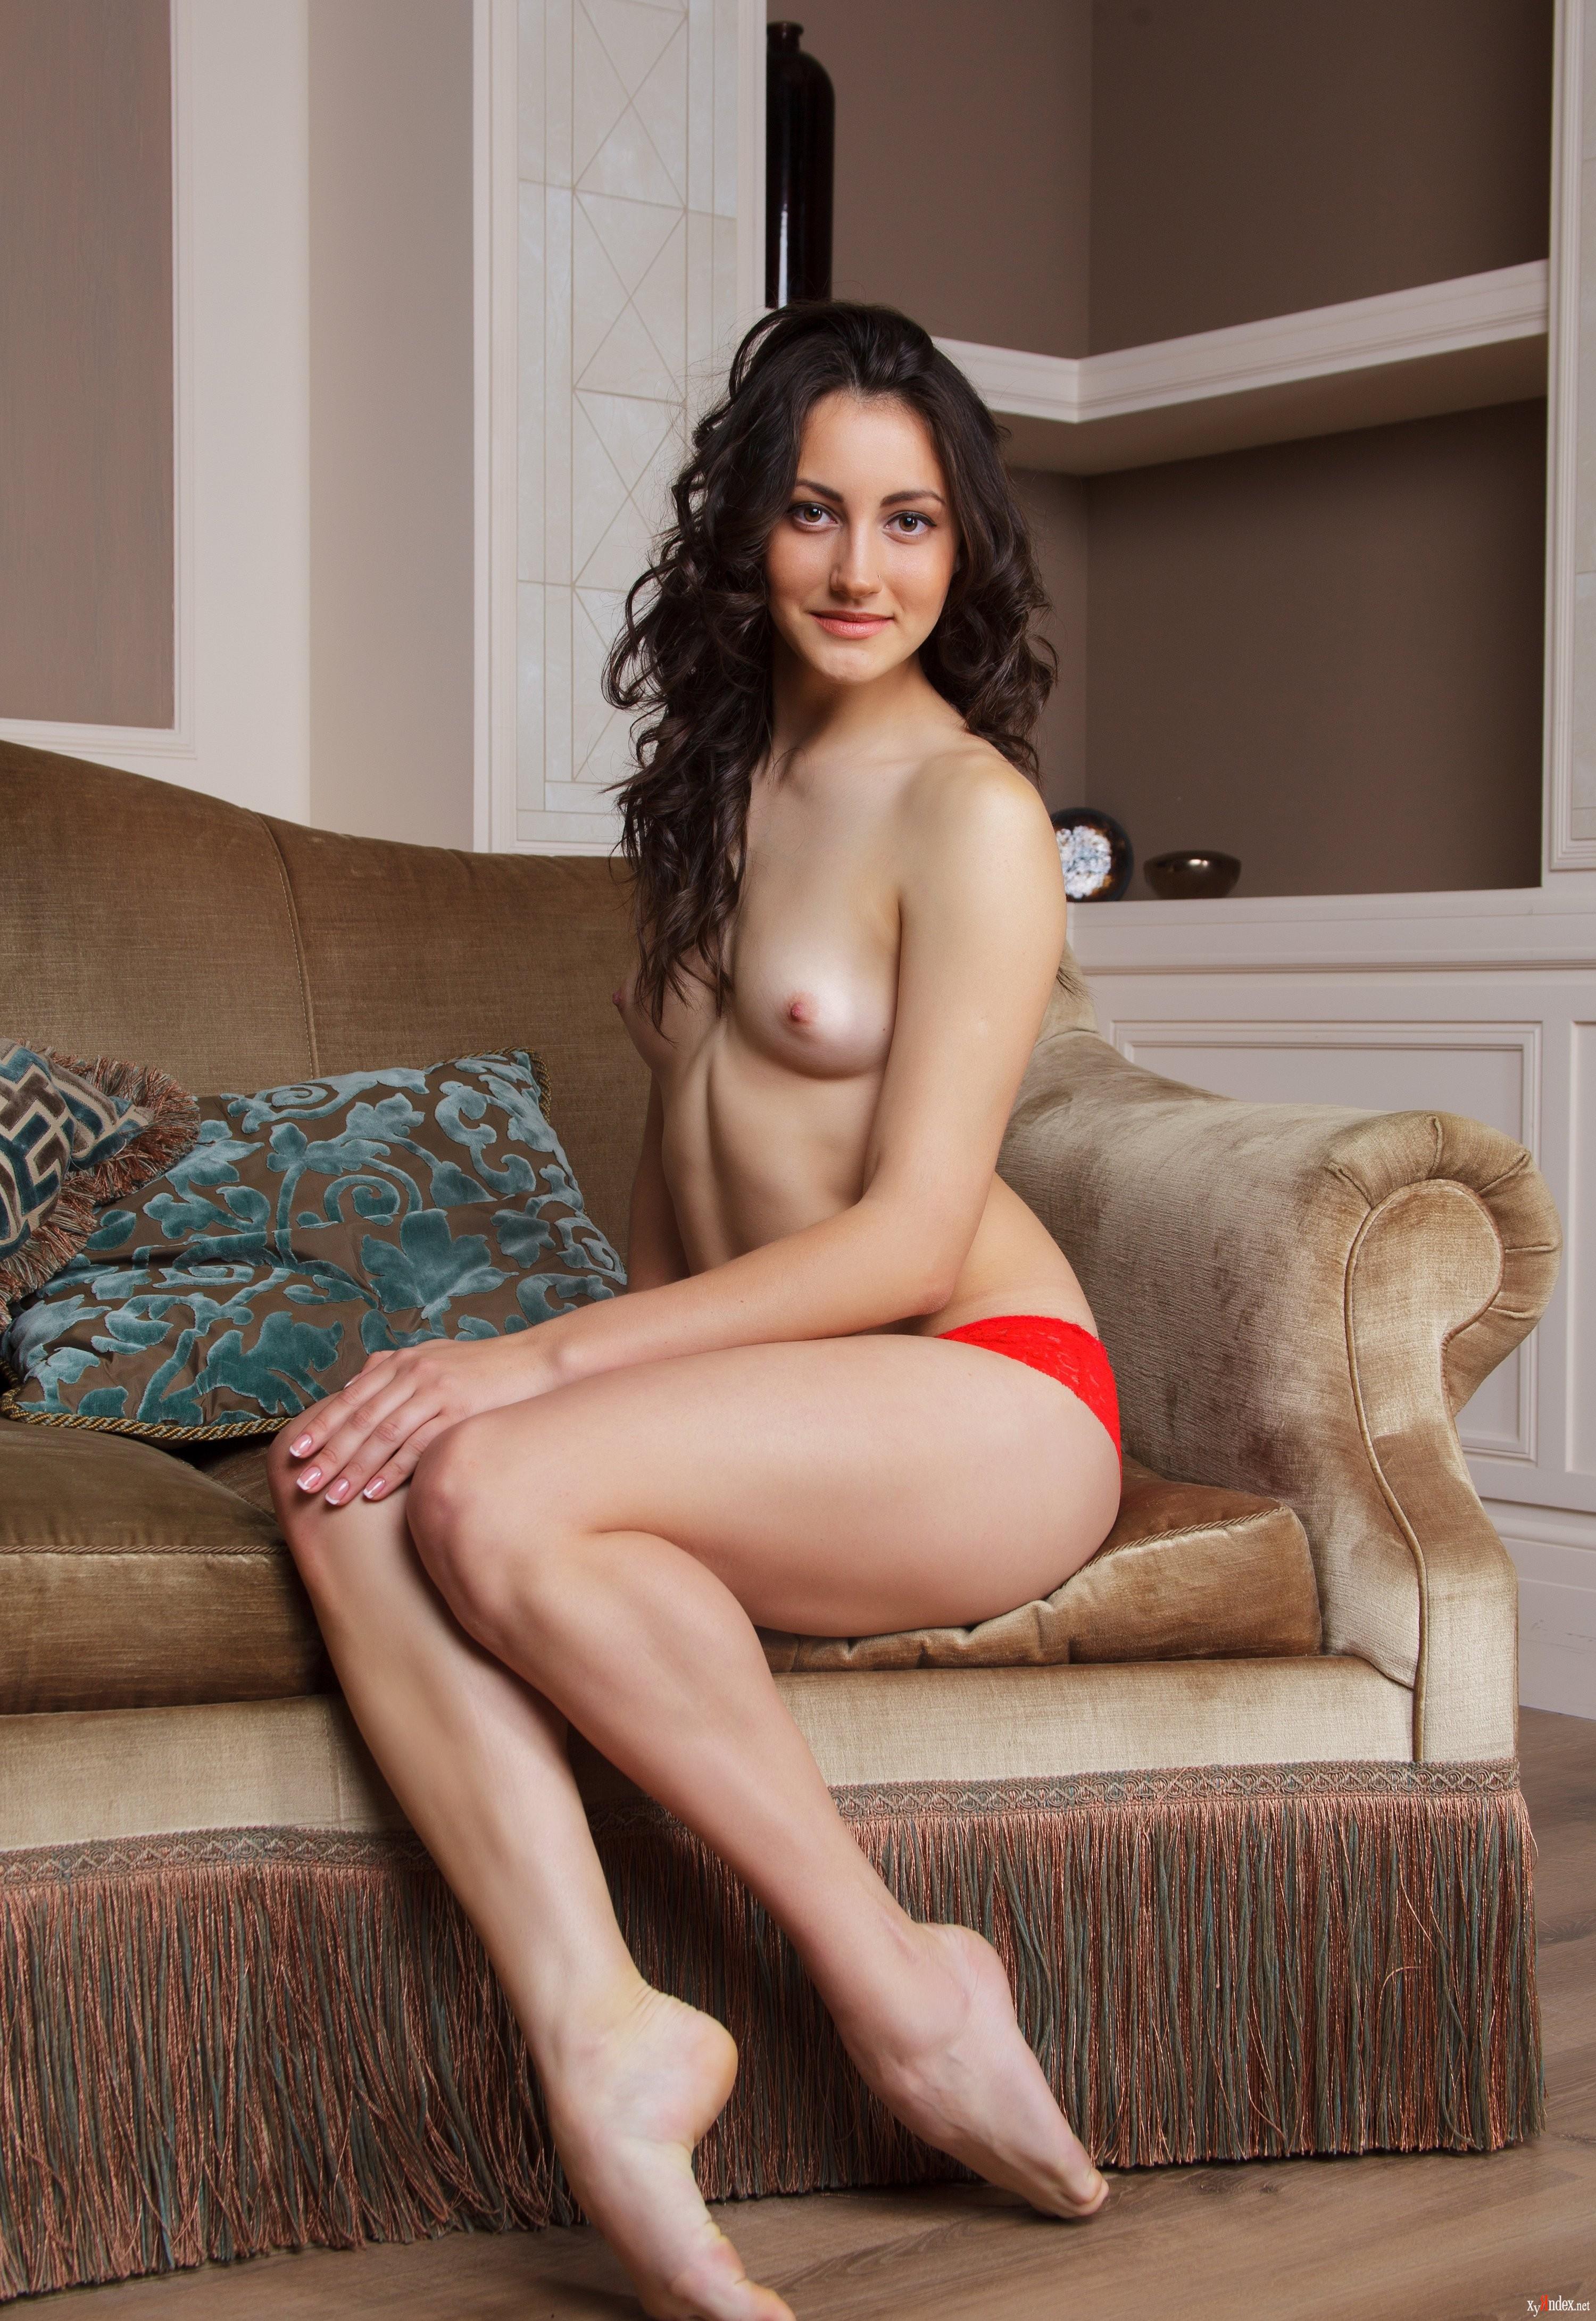 Gladys nudes #8